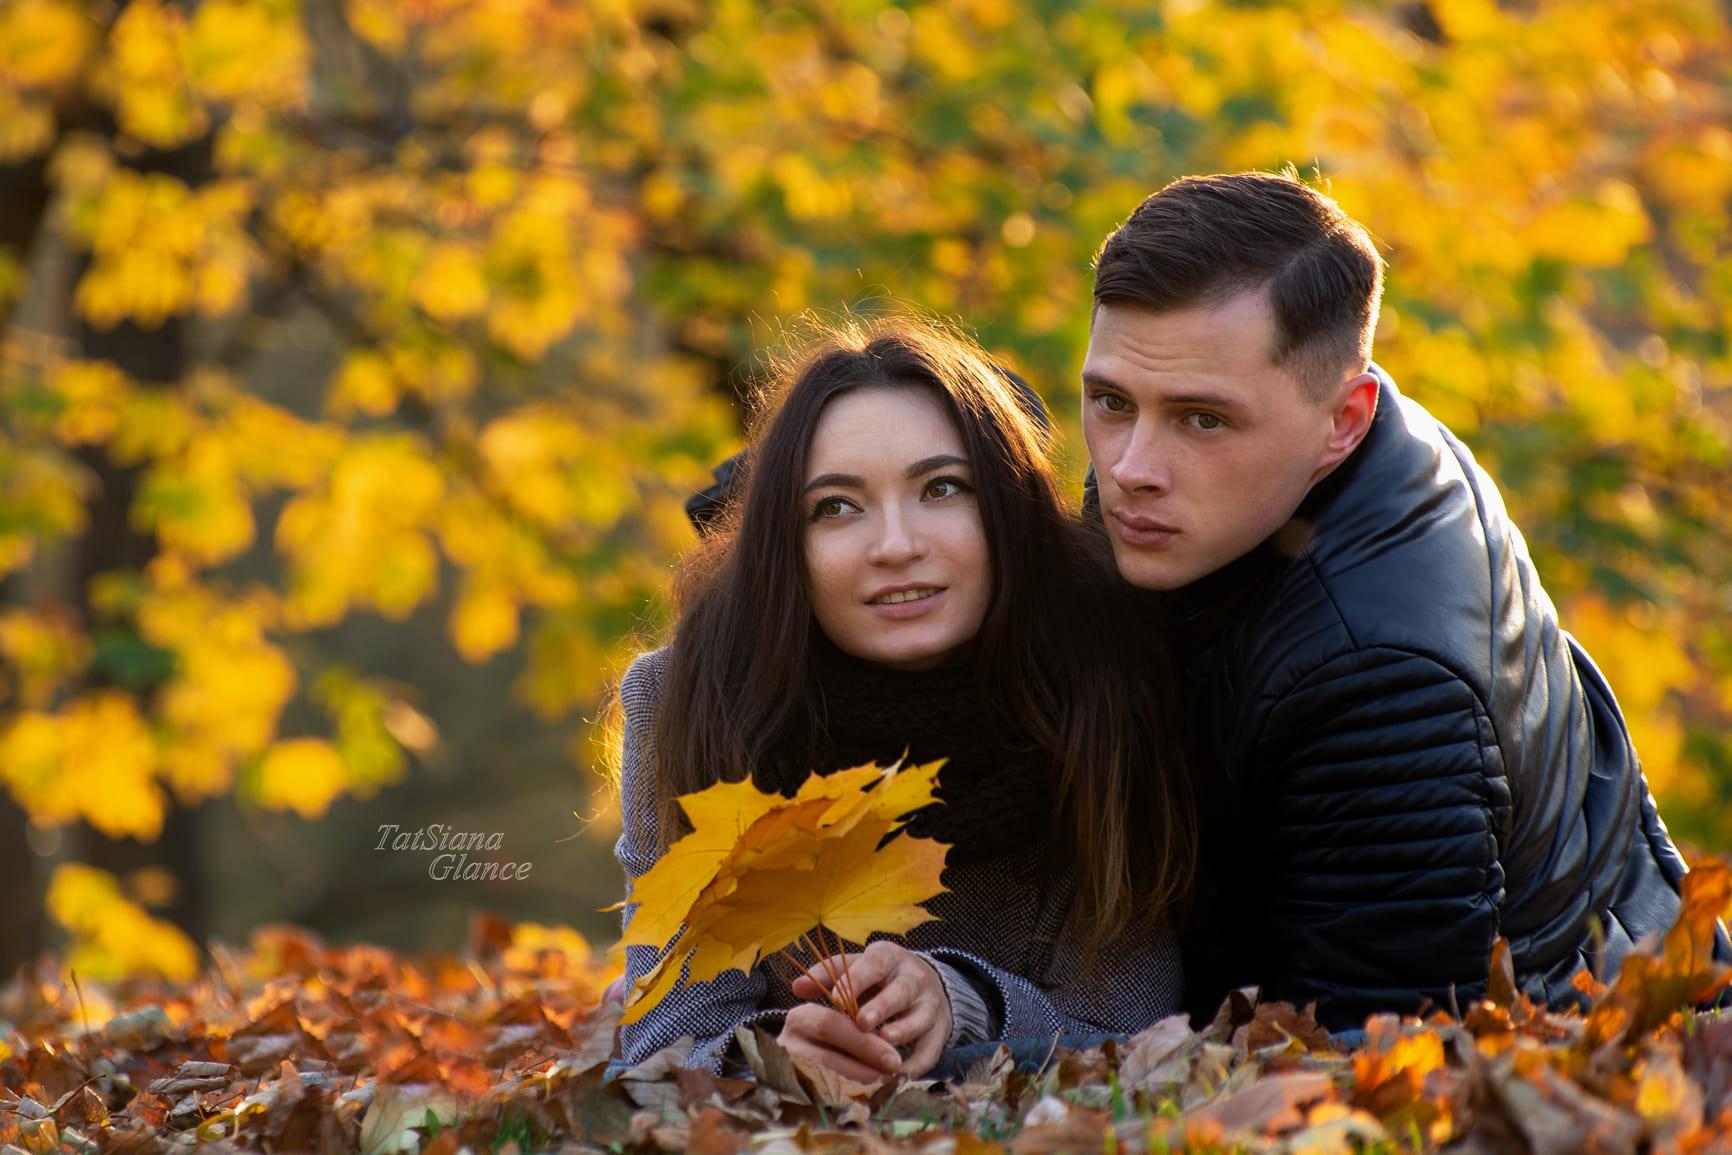 #фотосессия, #LoveStory, #фотограф, #фотосессия_в_парке, #фотосессия_в_городе, #фотограф_минск, #портрет, #осень